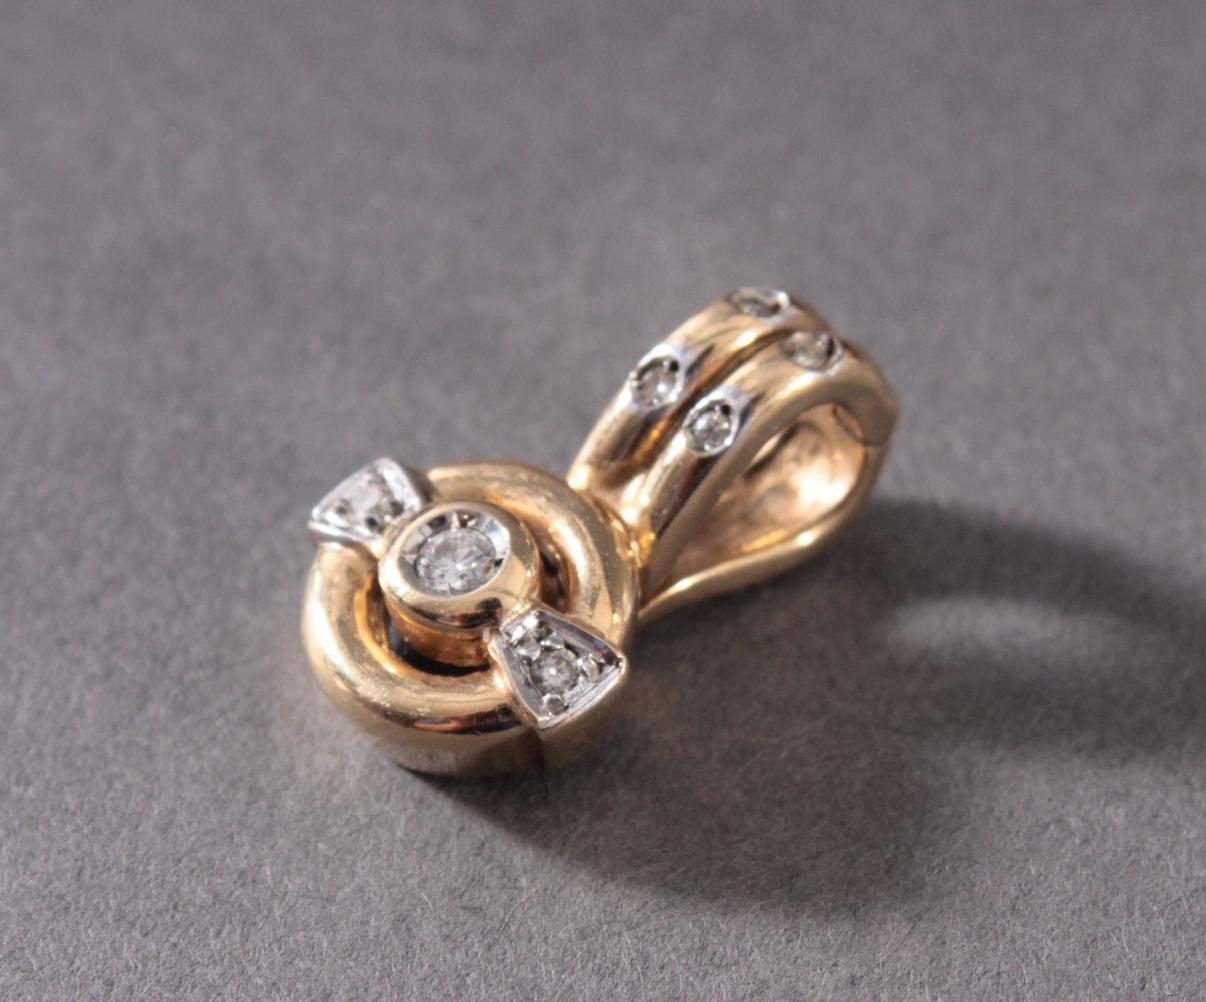 Anhänger aus 14 Karat Gelbgold mit Diamanten-2